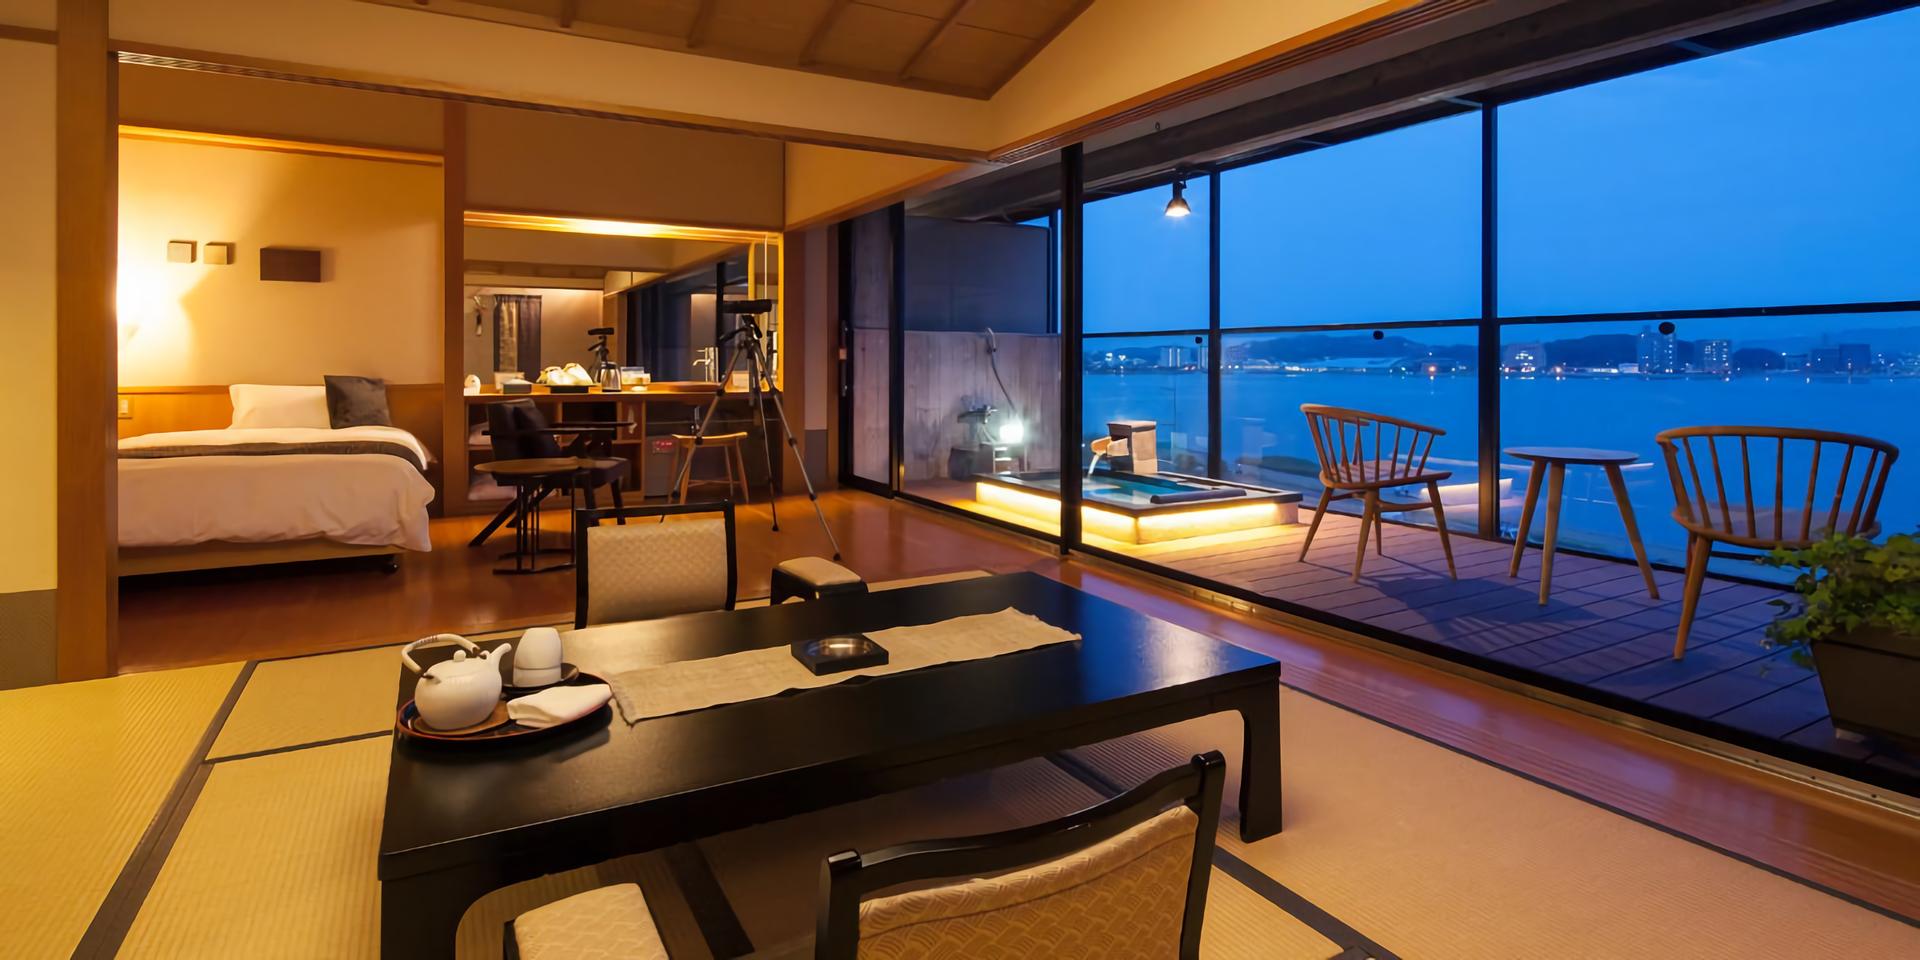 島根のおすすめ温泉宿14選!人気の旅館やホテルをご紹介!